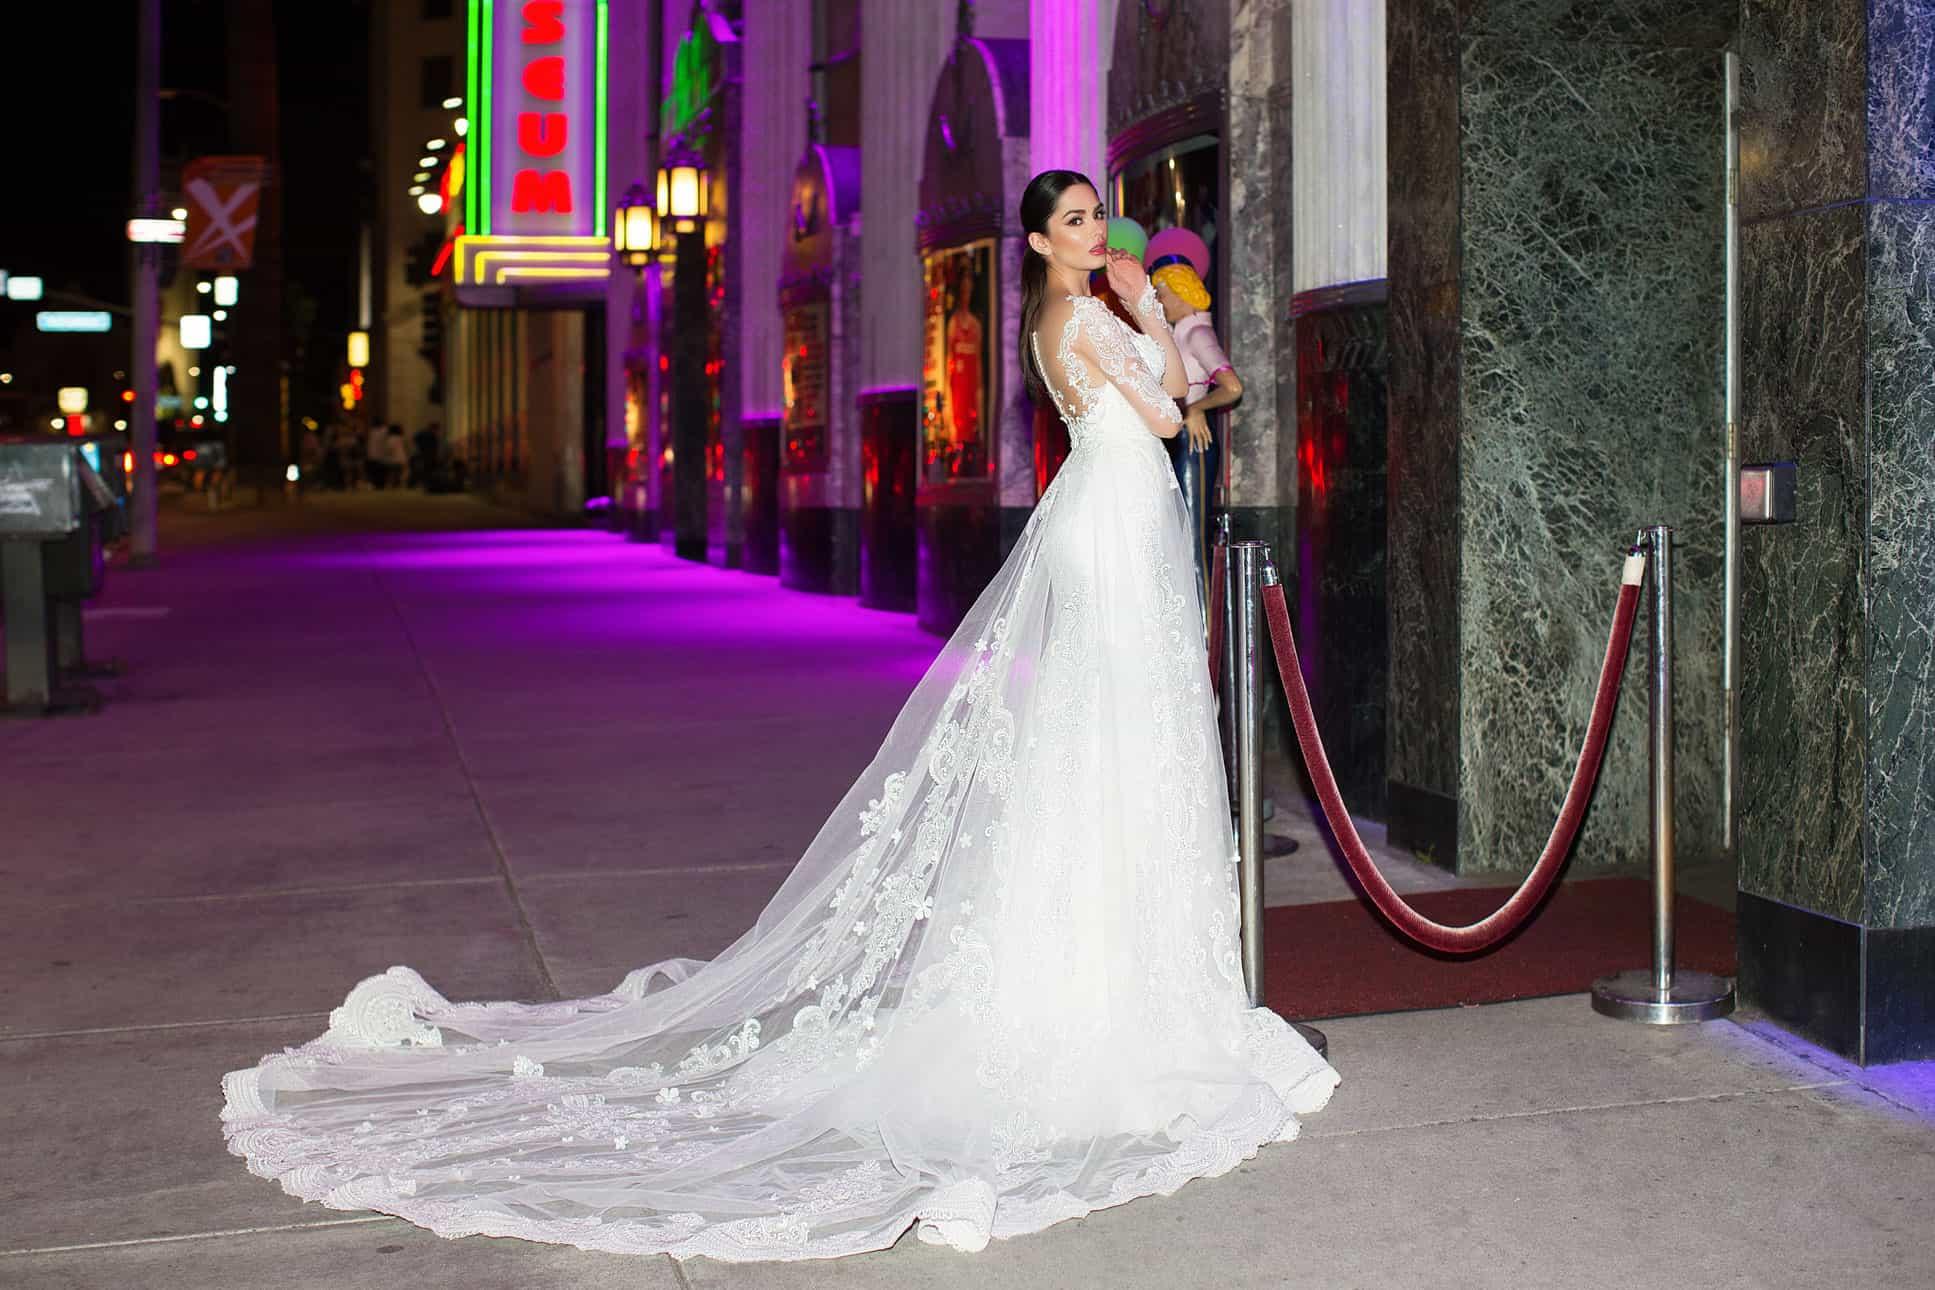 Pollardi 31112   Prinzessinnen Brautkleid Meerjungfrau   Hochzeitskleid A-Linie   Brautmode Köln Anna Moda